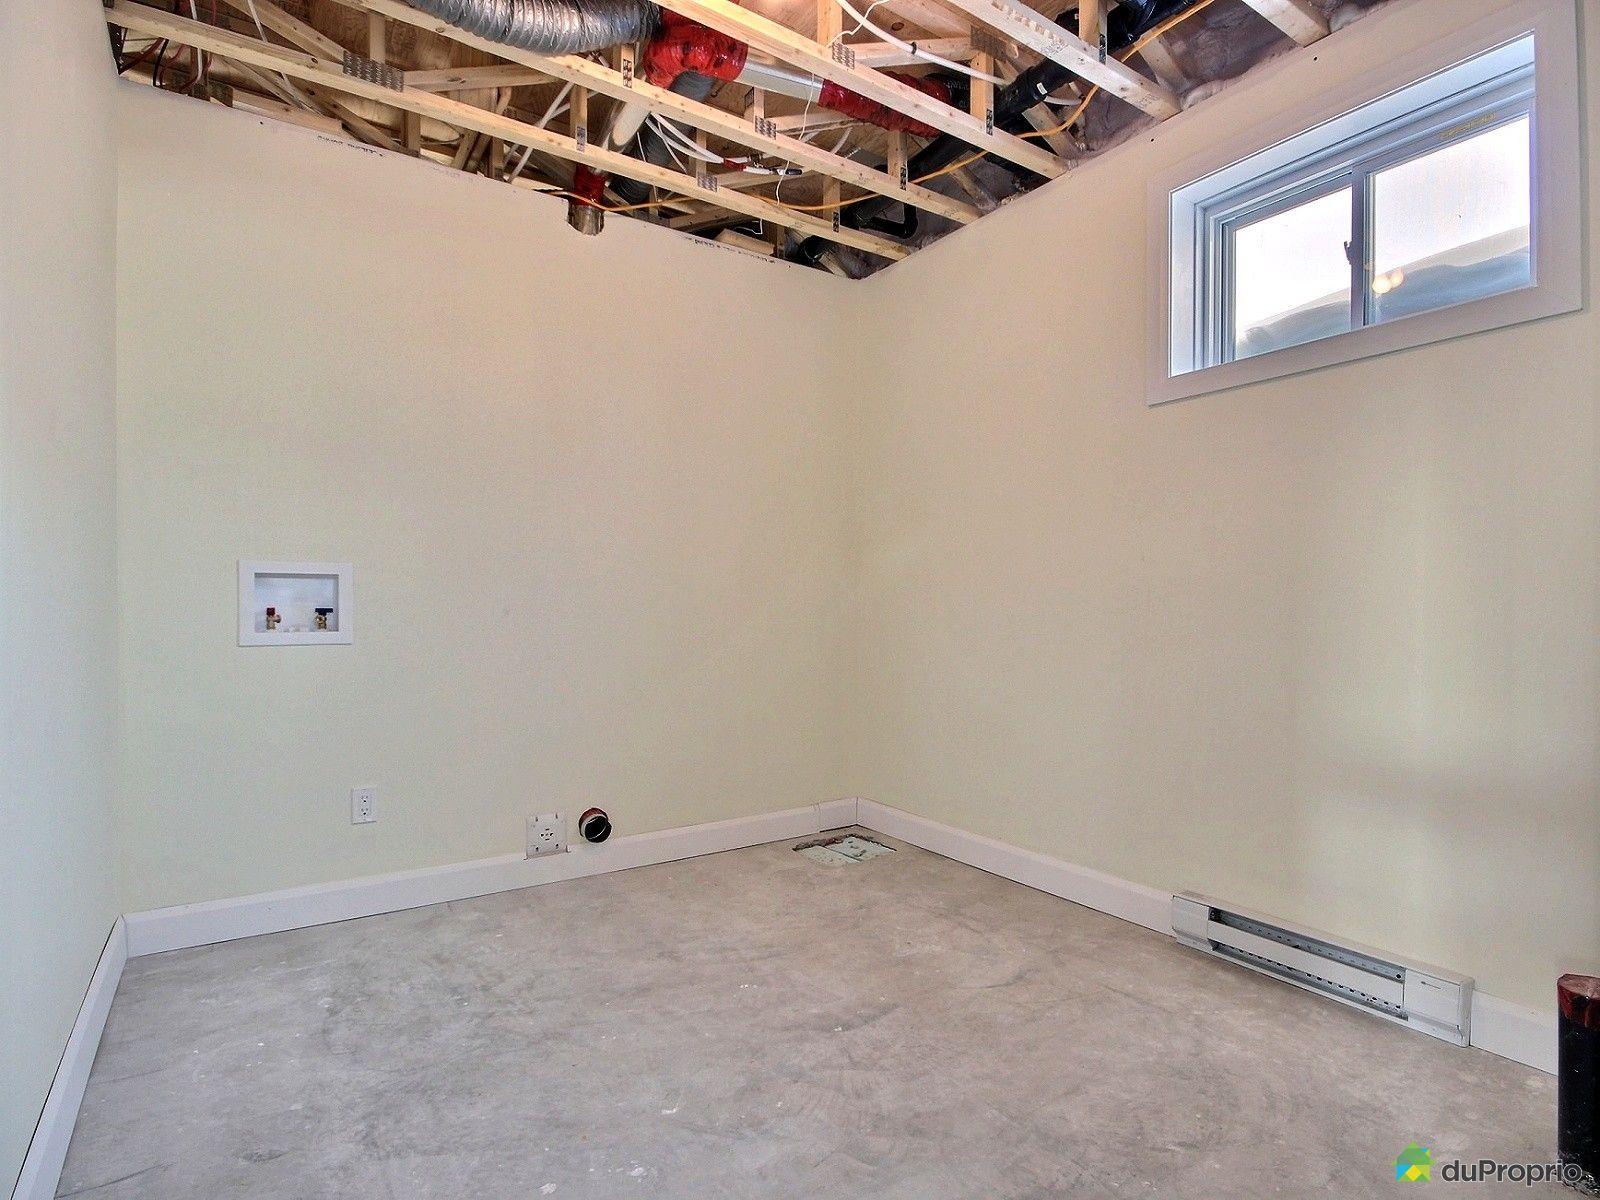 Maison vendre donnacona 997 rue drolet immobilier for Plomberie salle de bain au sous sol